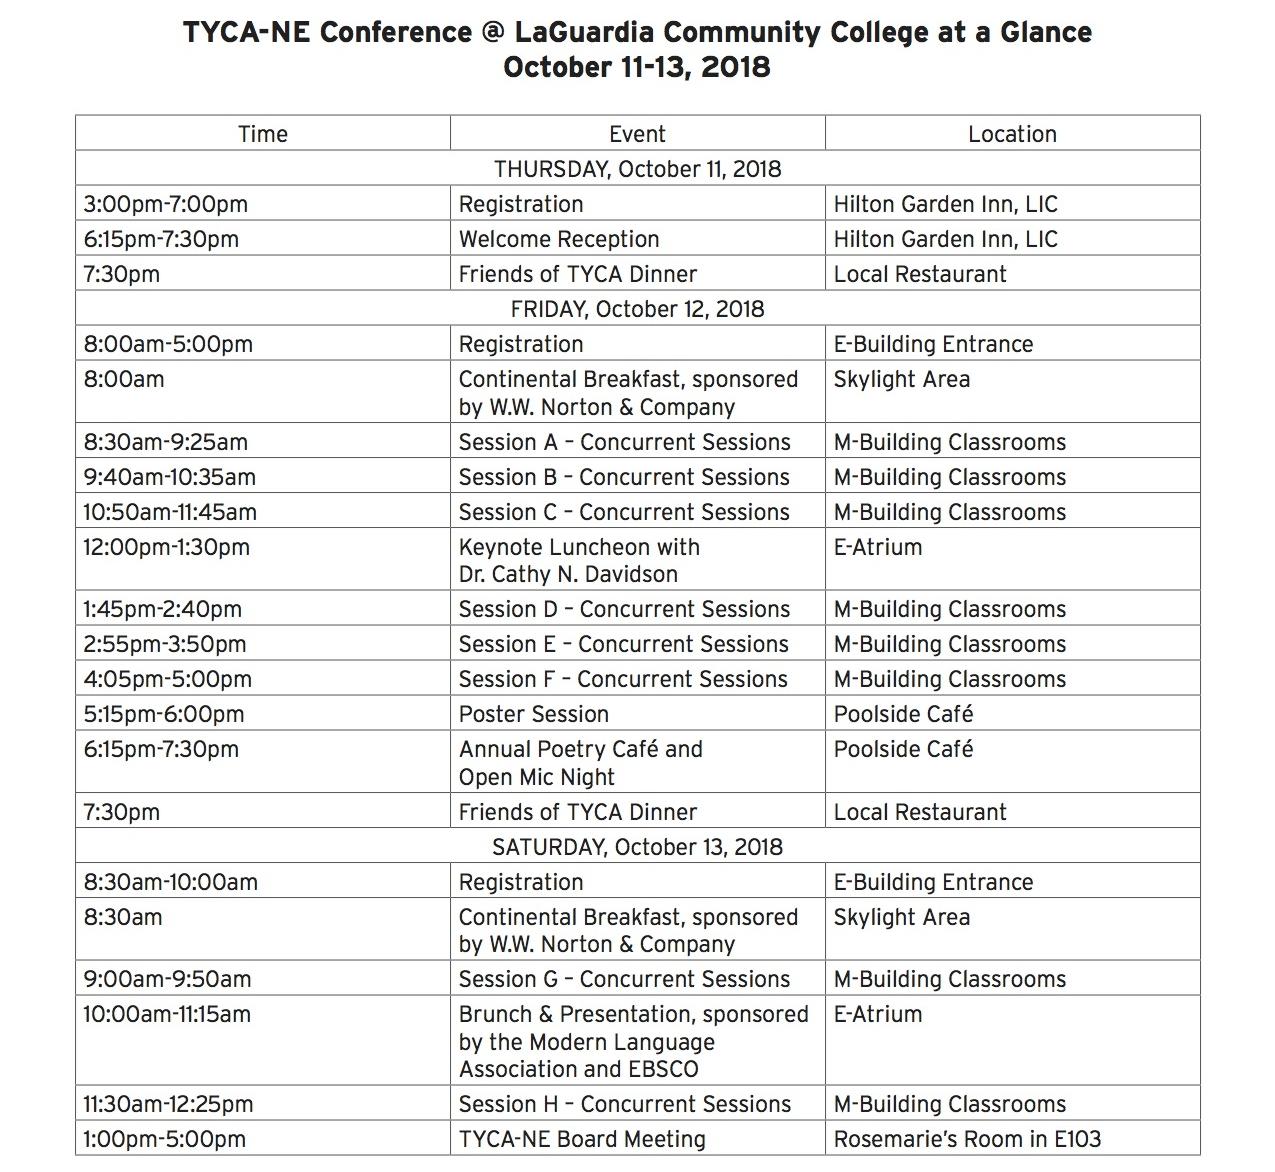 FinalTYCAProgram-Schedule.jpg